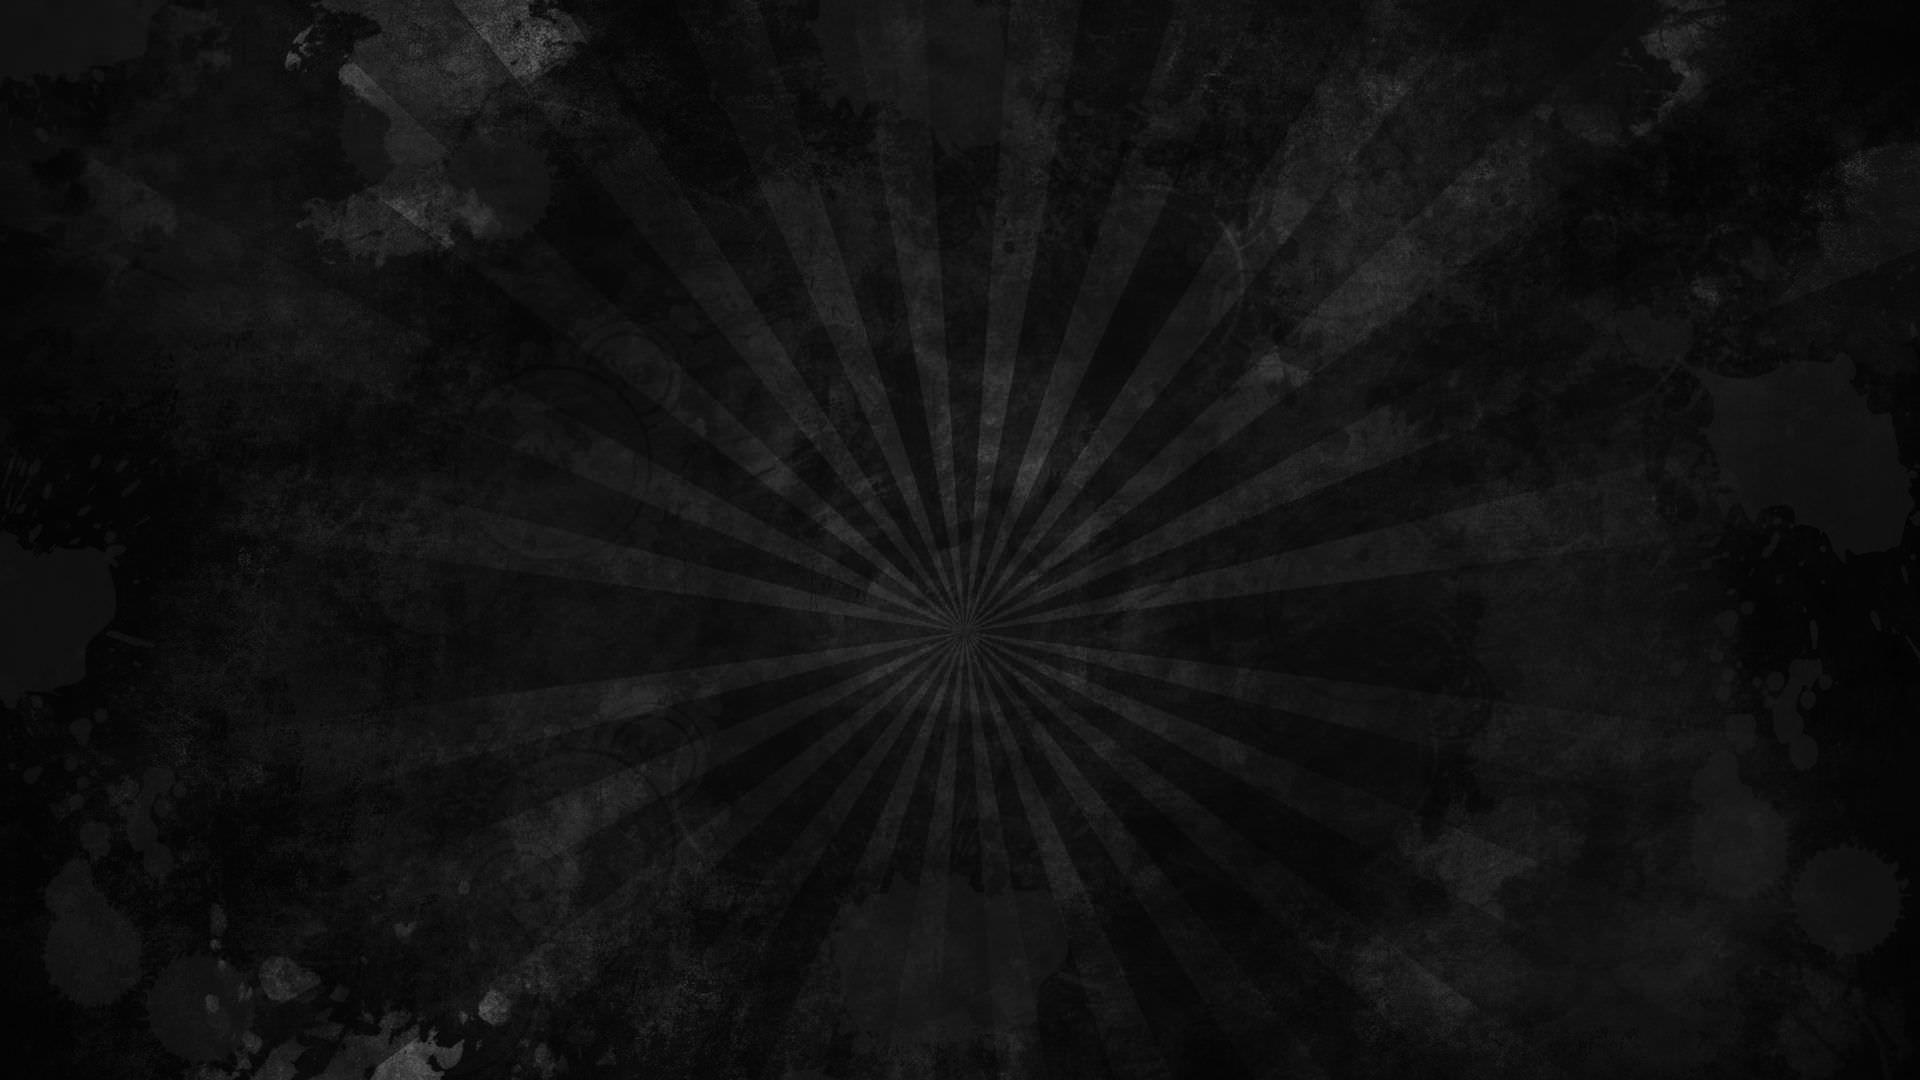 Black Grunge Sunburst Wallpaper